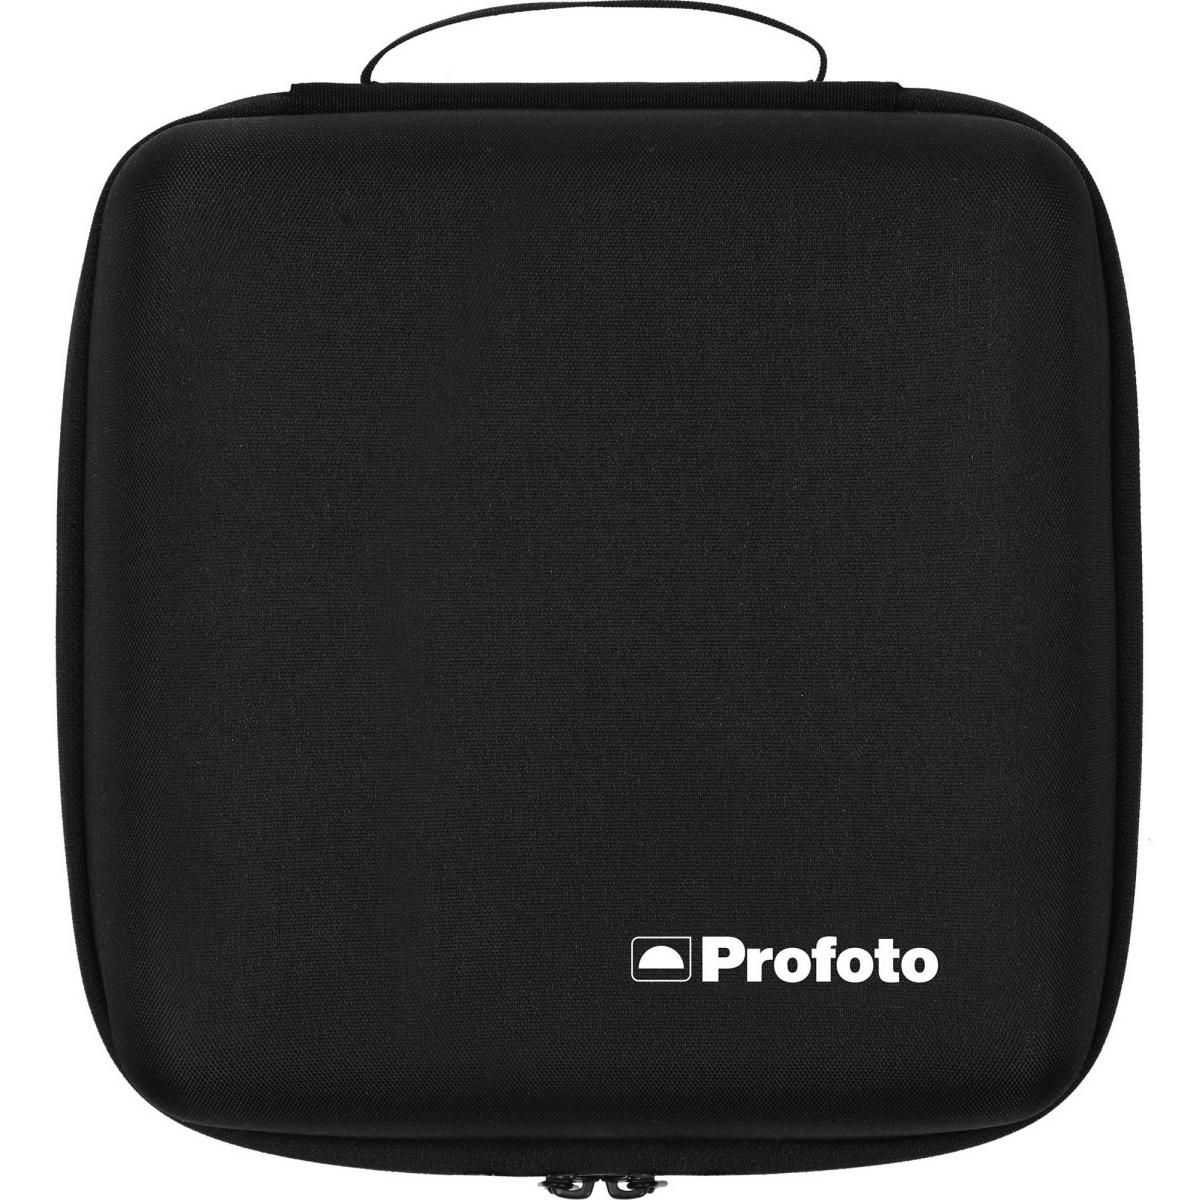 Profoto B 10 Plus Case